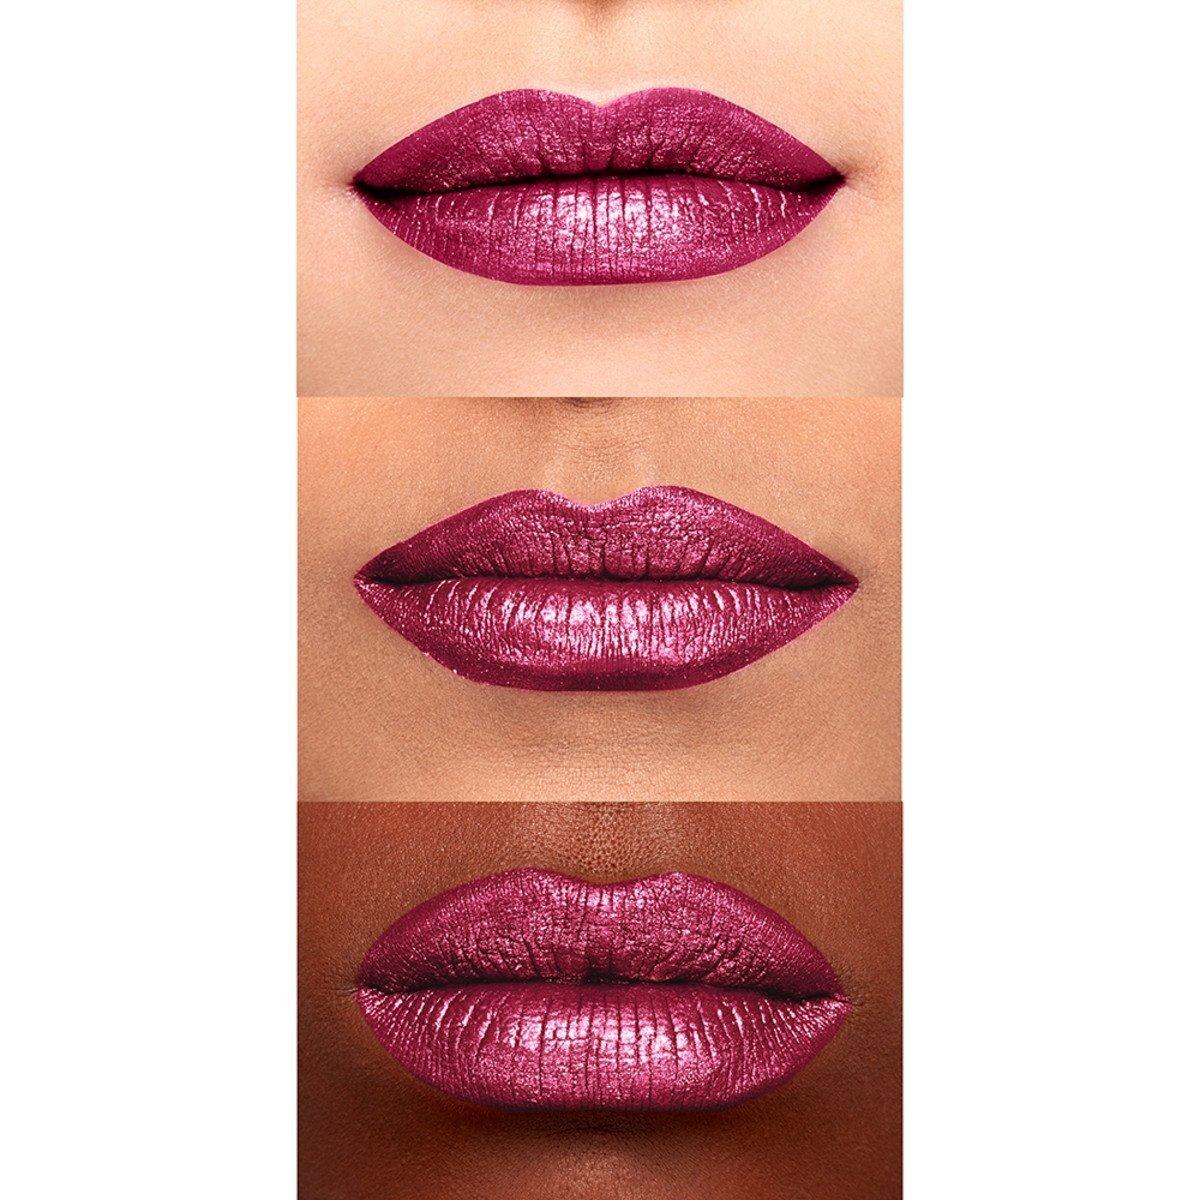 Glitter Goals Liquid Lipstick - Reflector